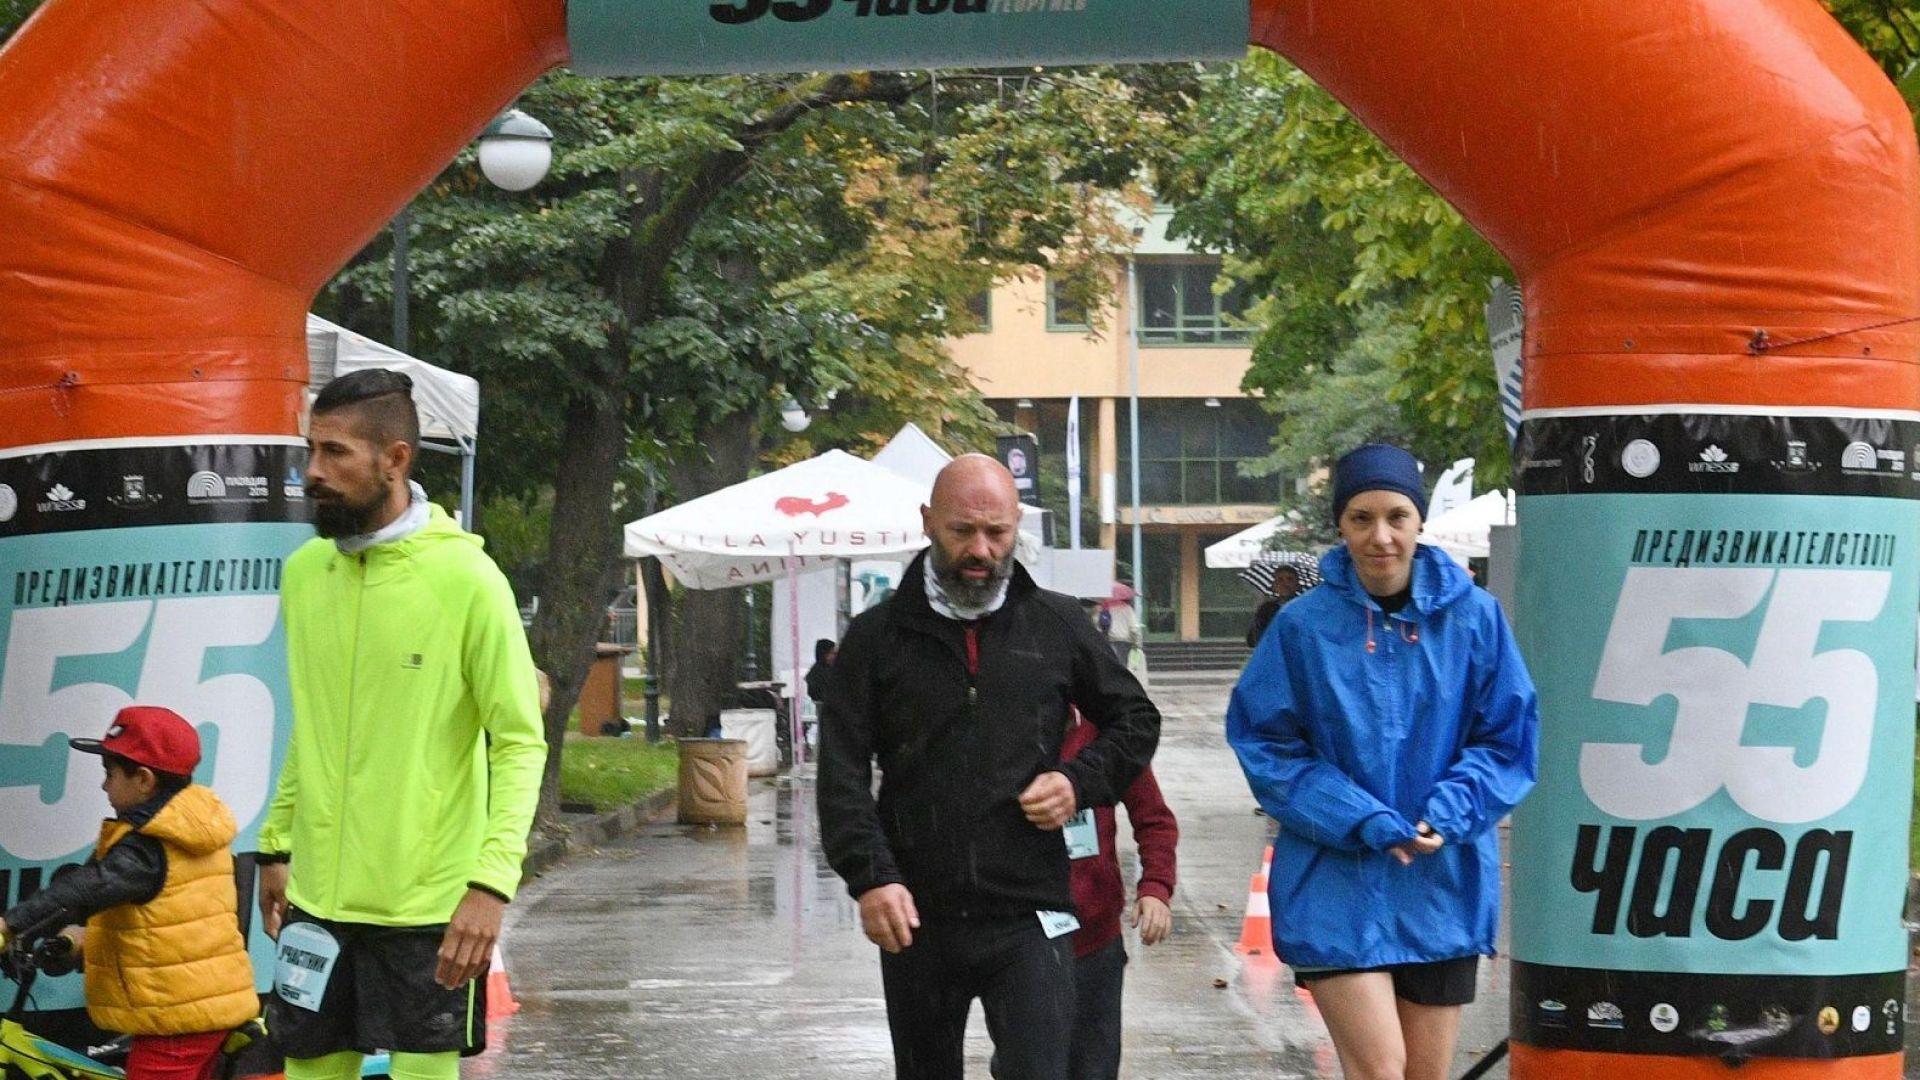 Краси Георгиев завърши 55-часовото благотворително бягане